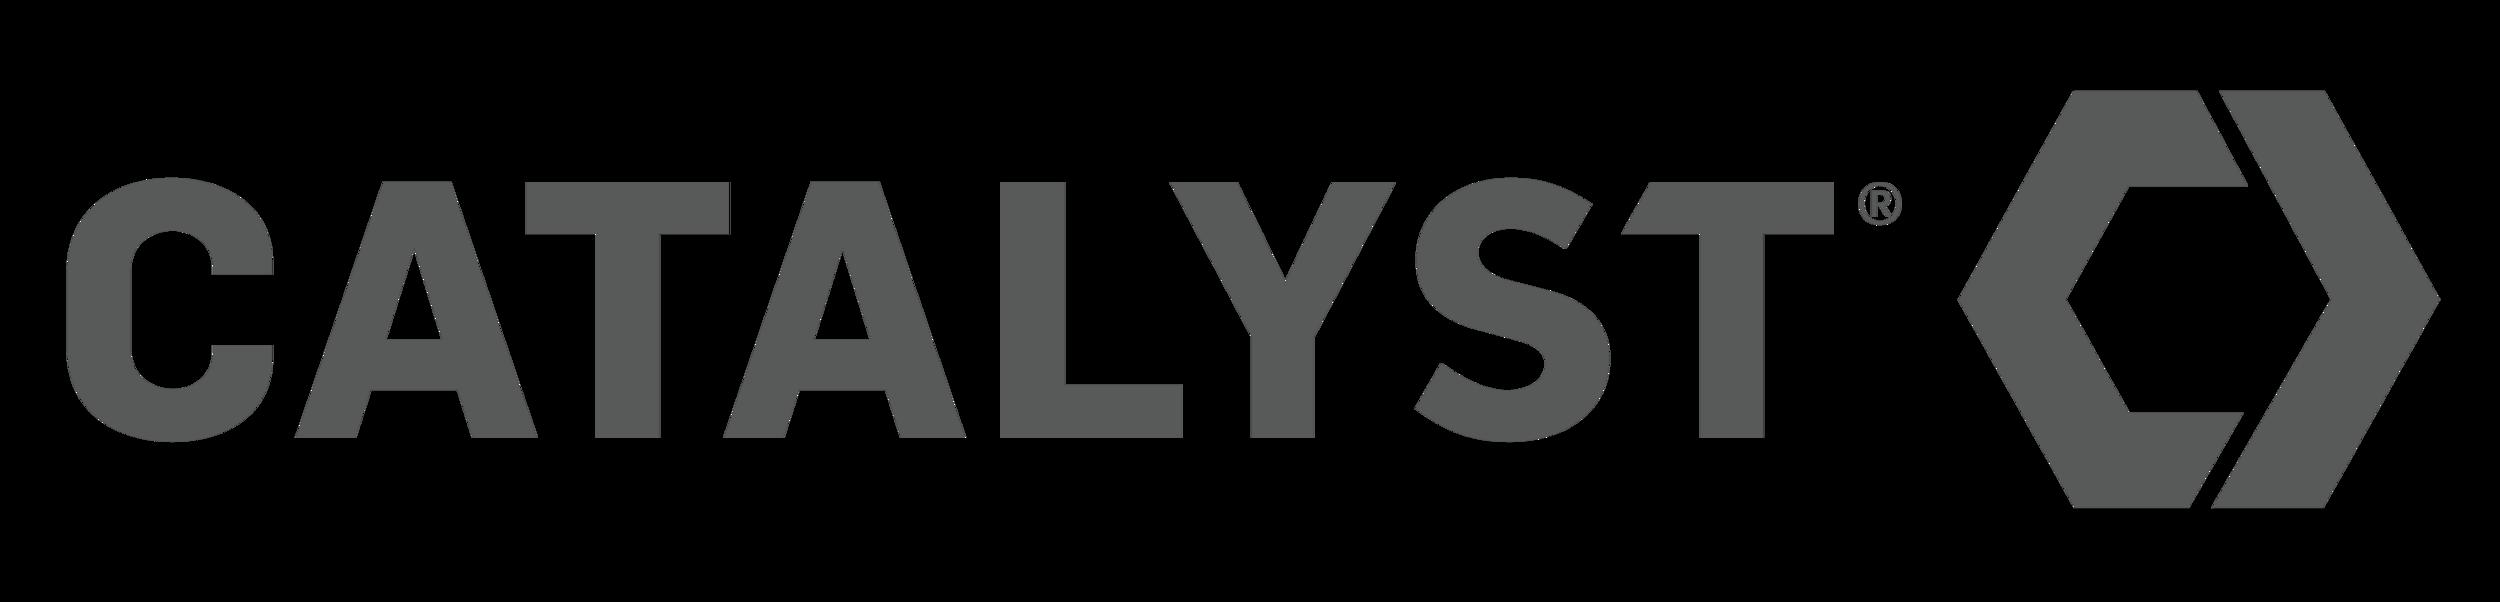 Catalyst-BrandLogo-hires.png